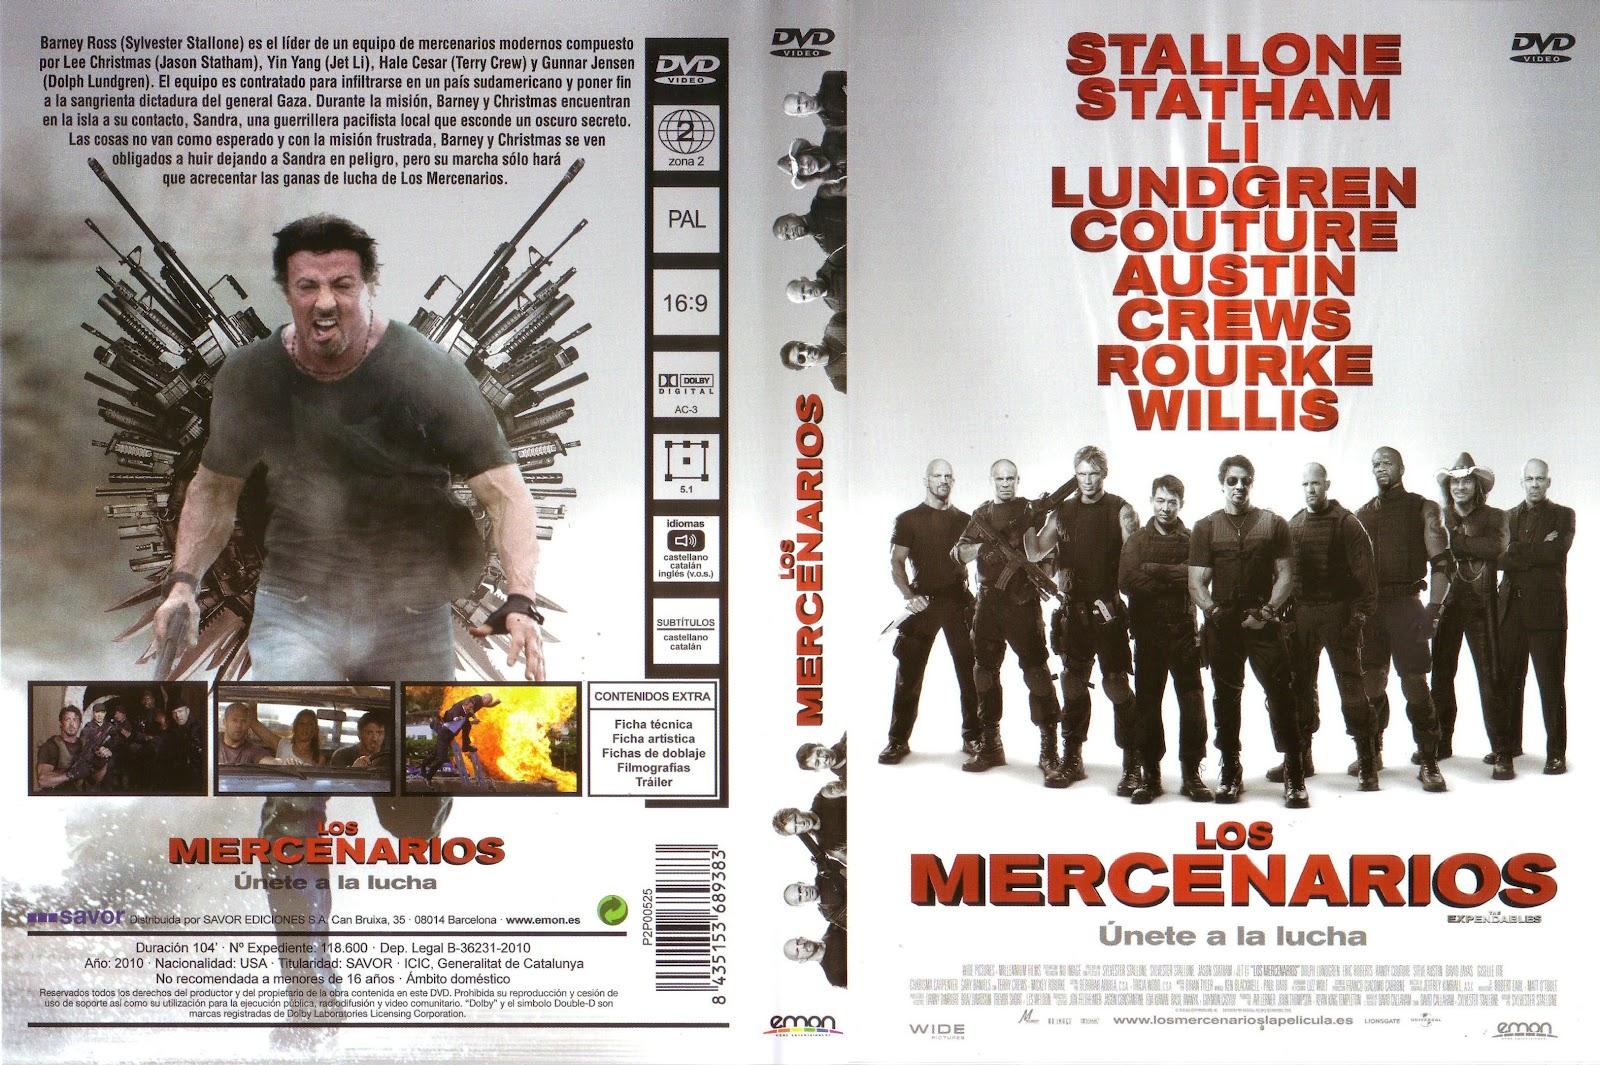 http://4.bp.blogspot.com/-u7iP35Uuhbk/UC46lQiMHSI/AAAAAAAAF-g/pd_btUpRCks/s1600/Los+mercenarios+%282010%29.jpg